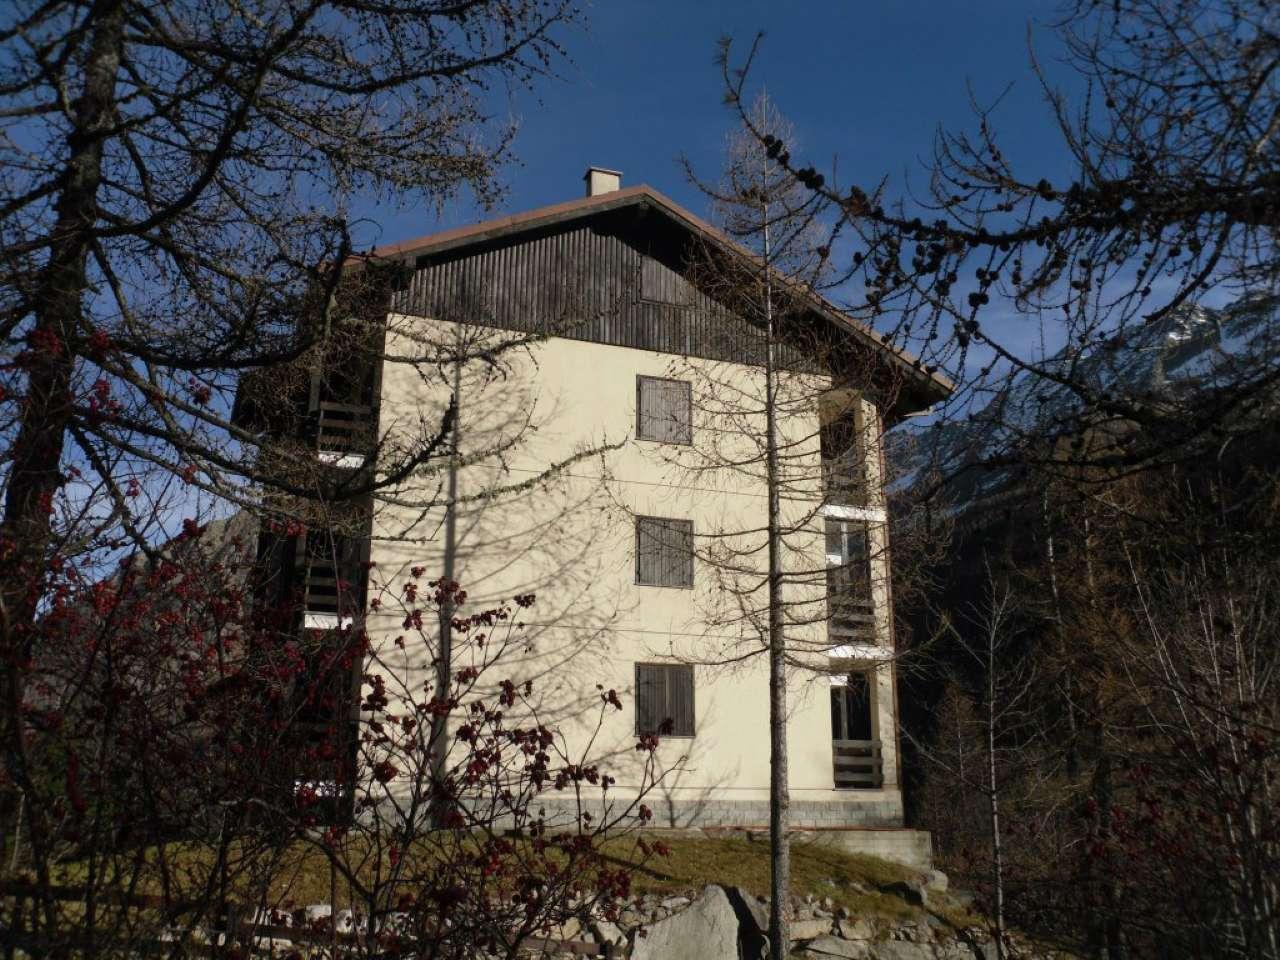 Appartamento in vendita a Ceresole Reale, 3 locali, prezzo € 144.000 | CambioCasa.it